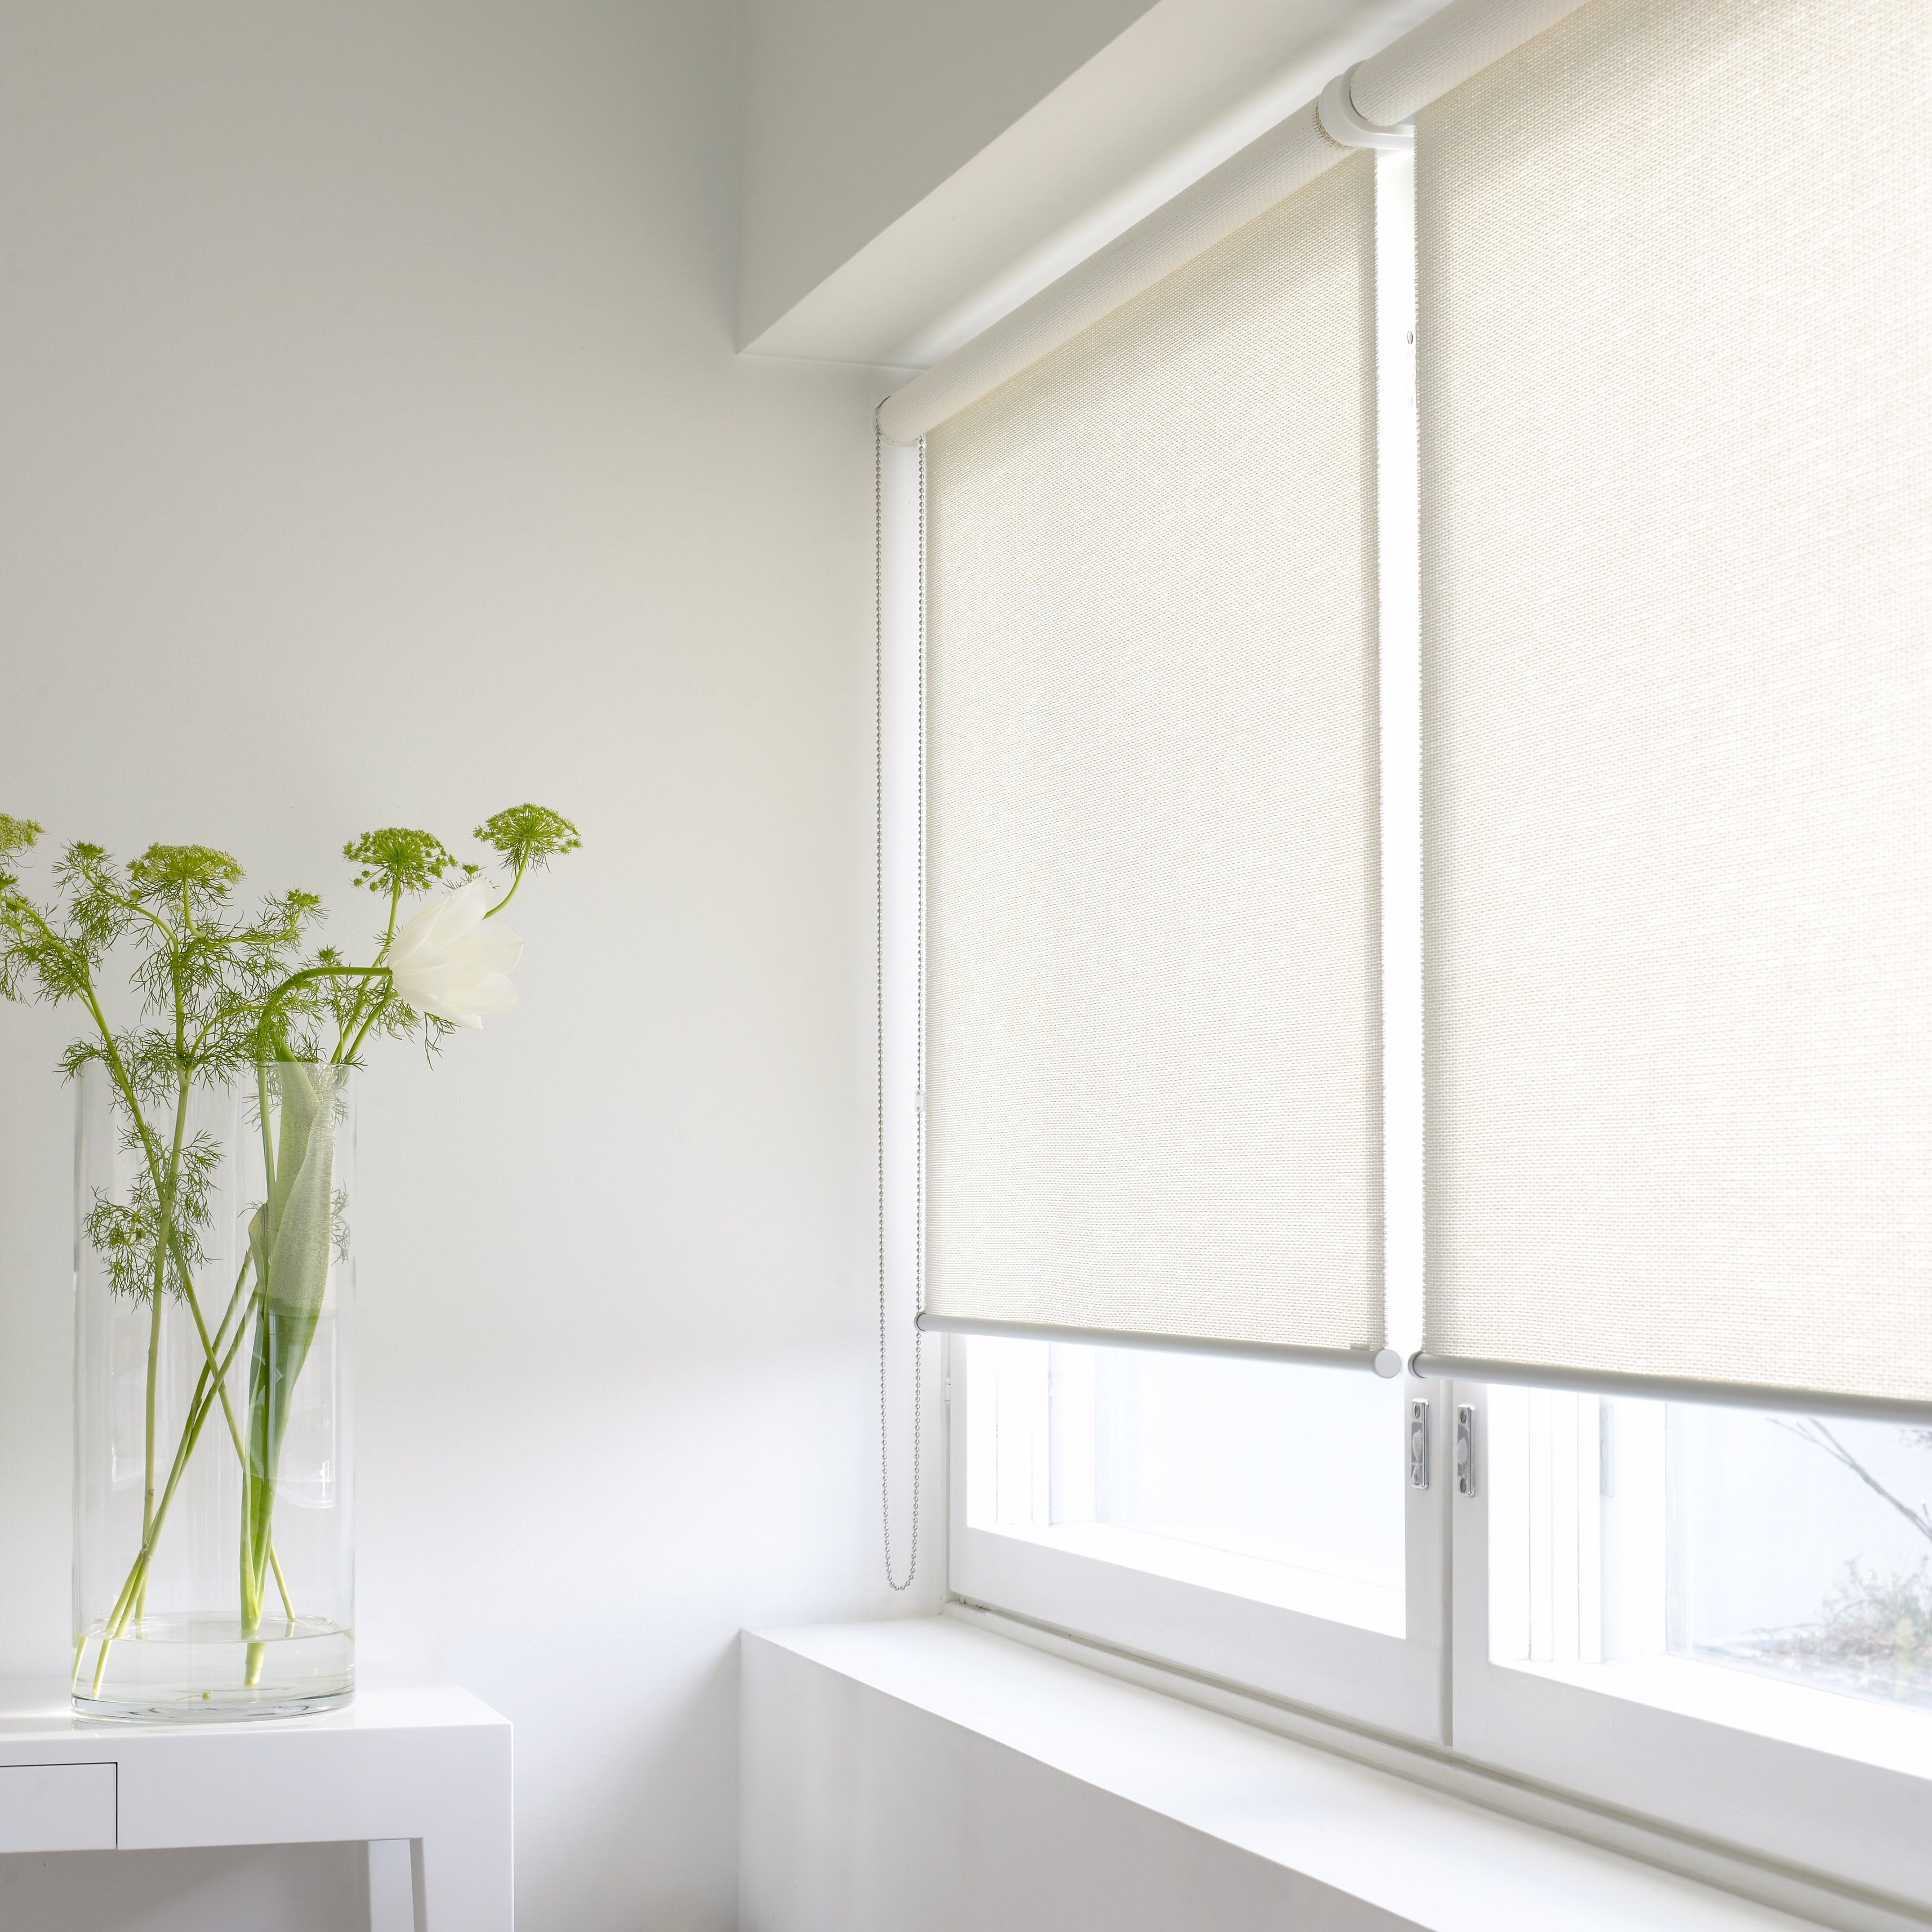 Morning 21111 White Wn Roller Blind 13452